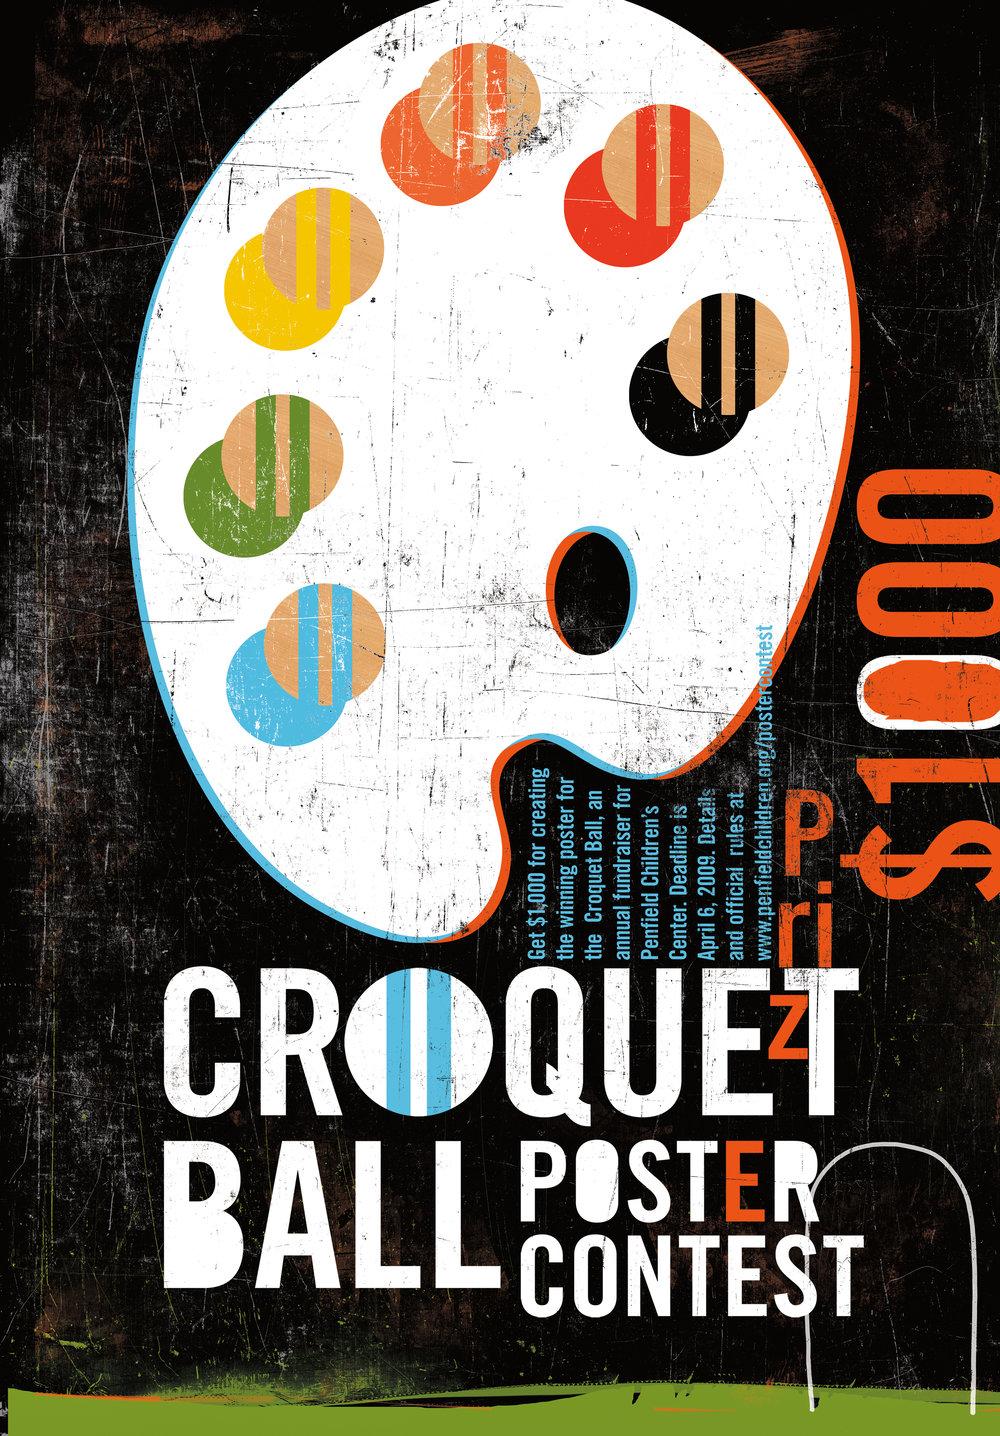 croquet_palette.jpg